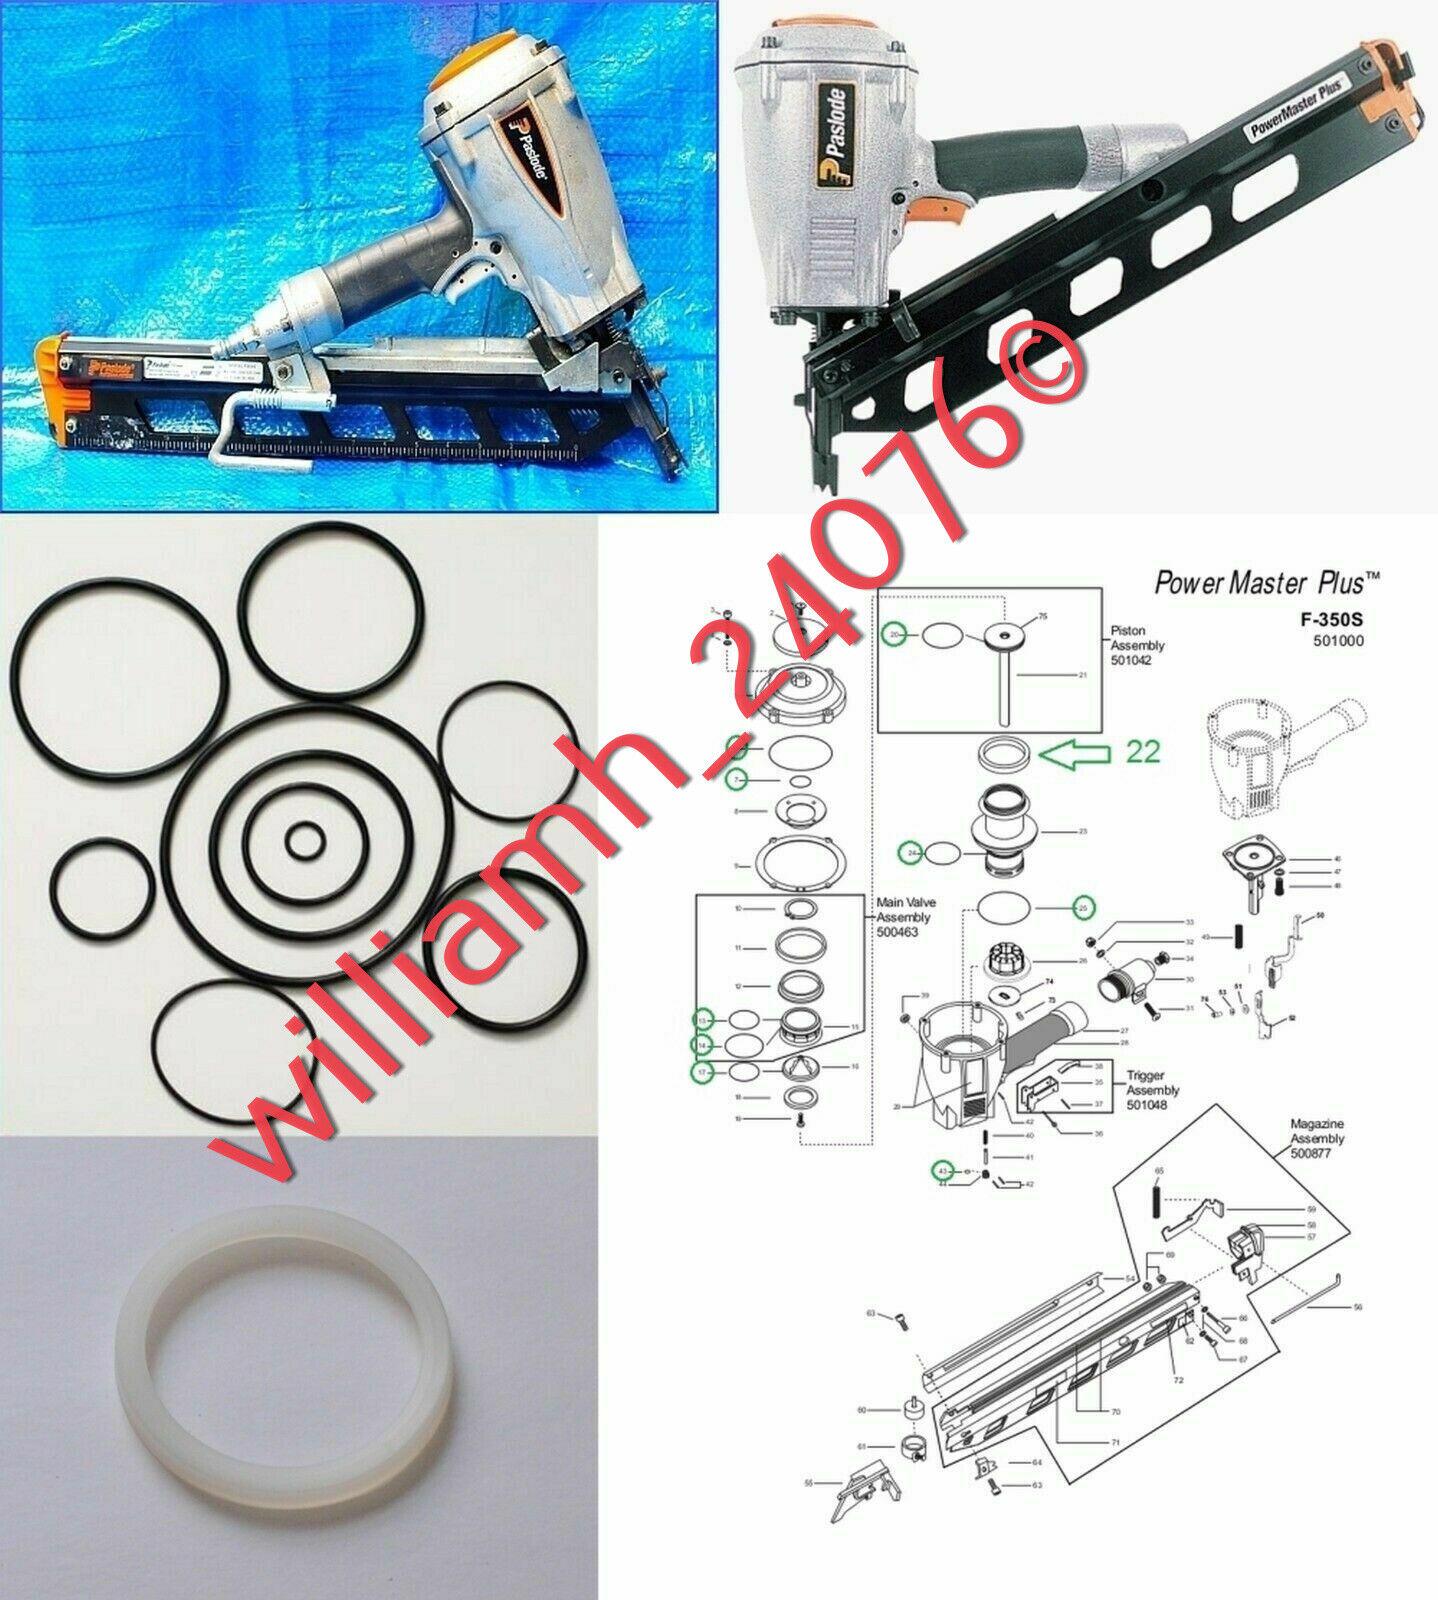 Paslode Framing Nailer F350-S O-ring and 402011 Cylinder Sea